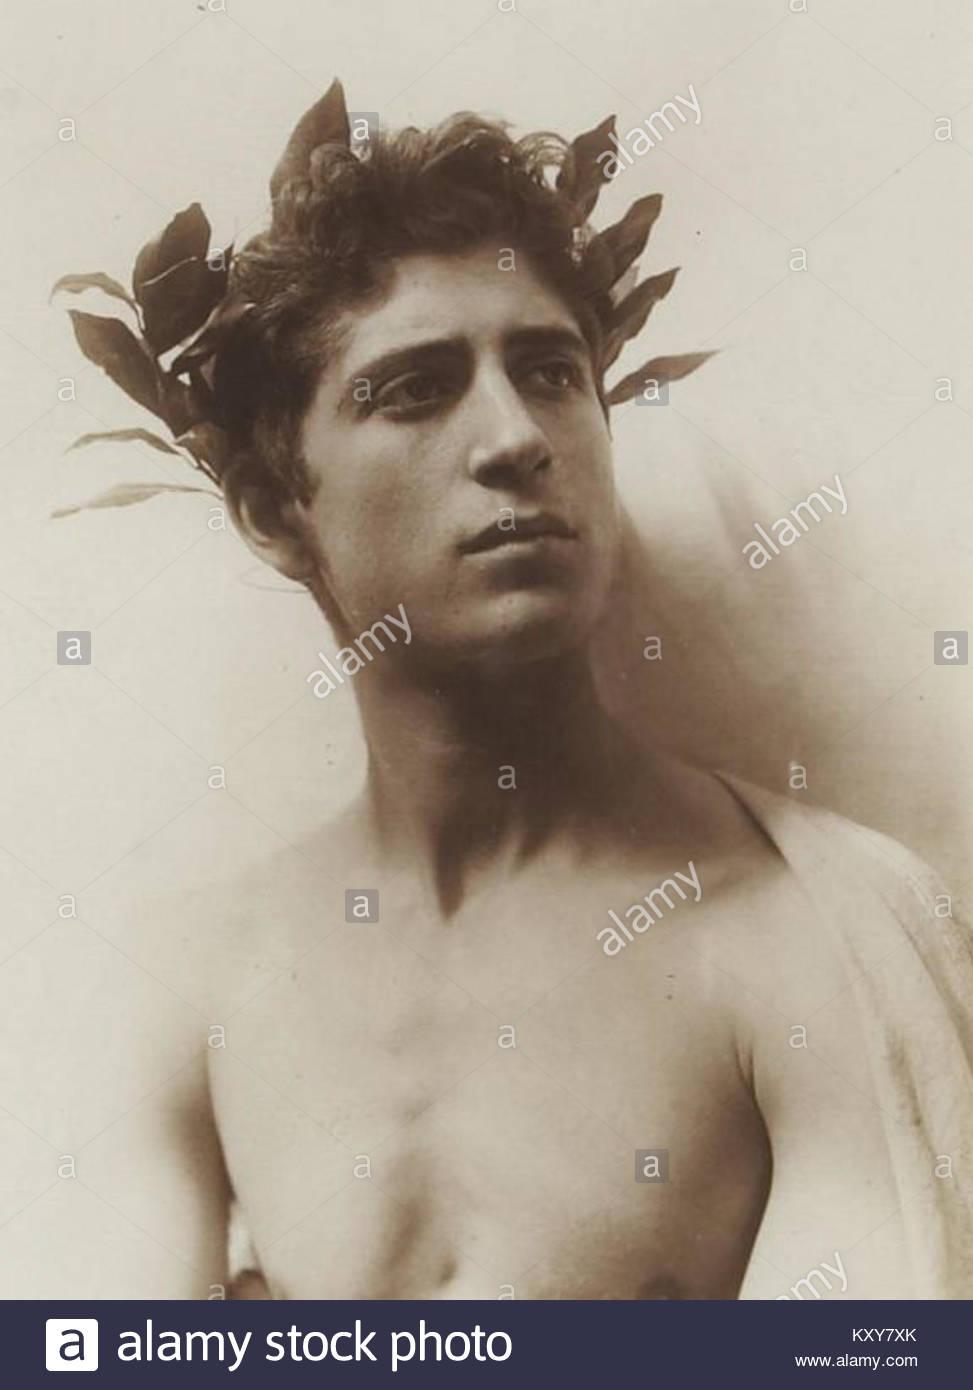 Wilhelm Von Gloeden, (1856-1931) - n. 1590 - Adolescente laureato - Sito del Musée d'Orsay Photo Stock